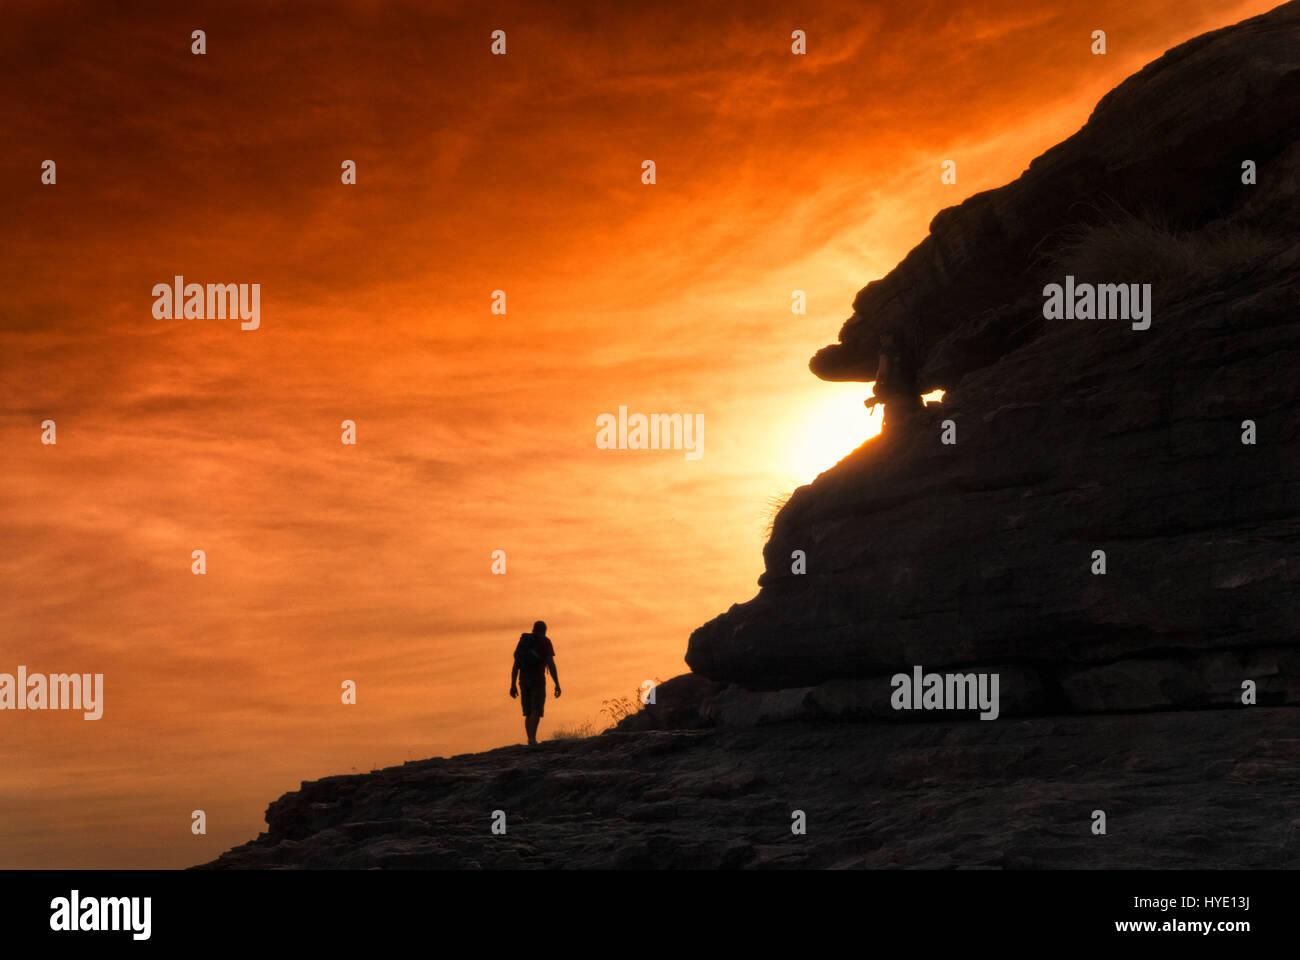 Silhouette de randonneur en montant au coucher du soleil avec ciel rougeoyant orange. Territoires du Nord, Australie Banque D'Images